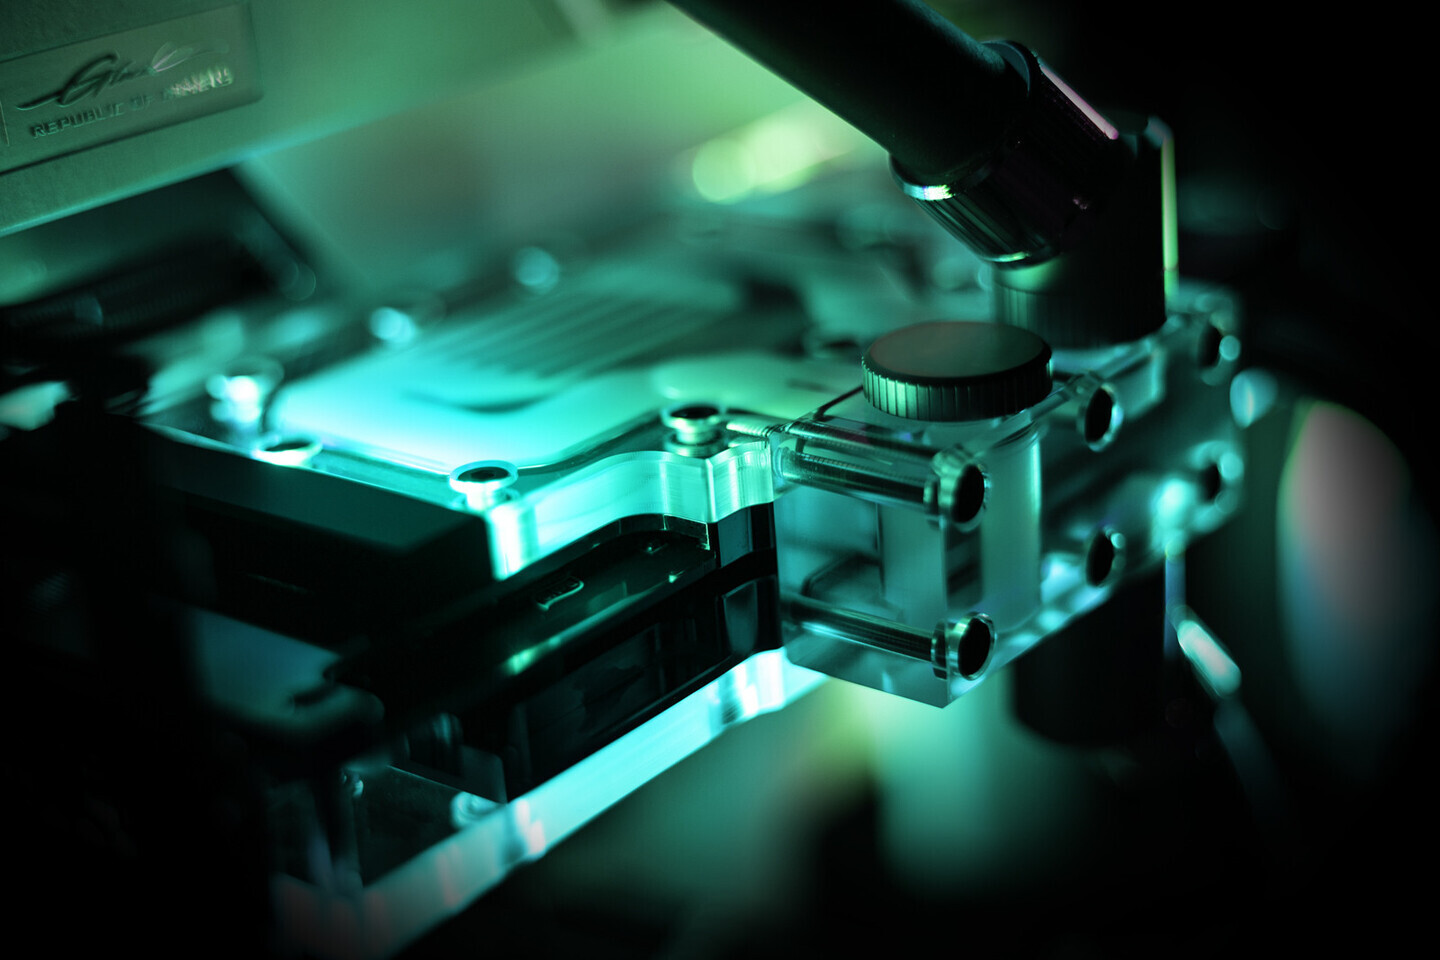 EK lanza la placa trasera activa para Zotac Trinity RTX 3080/3090